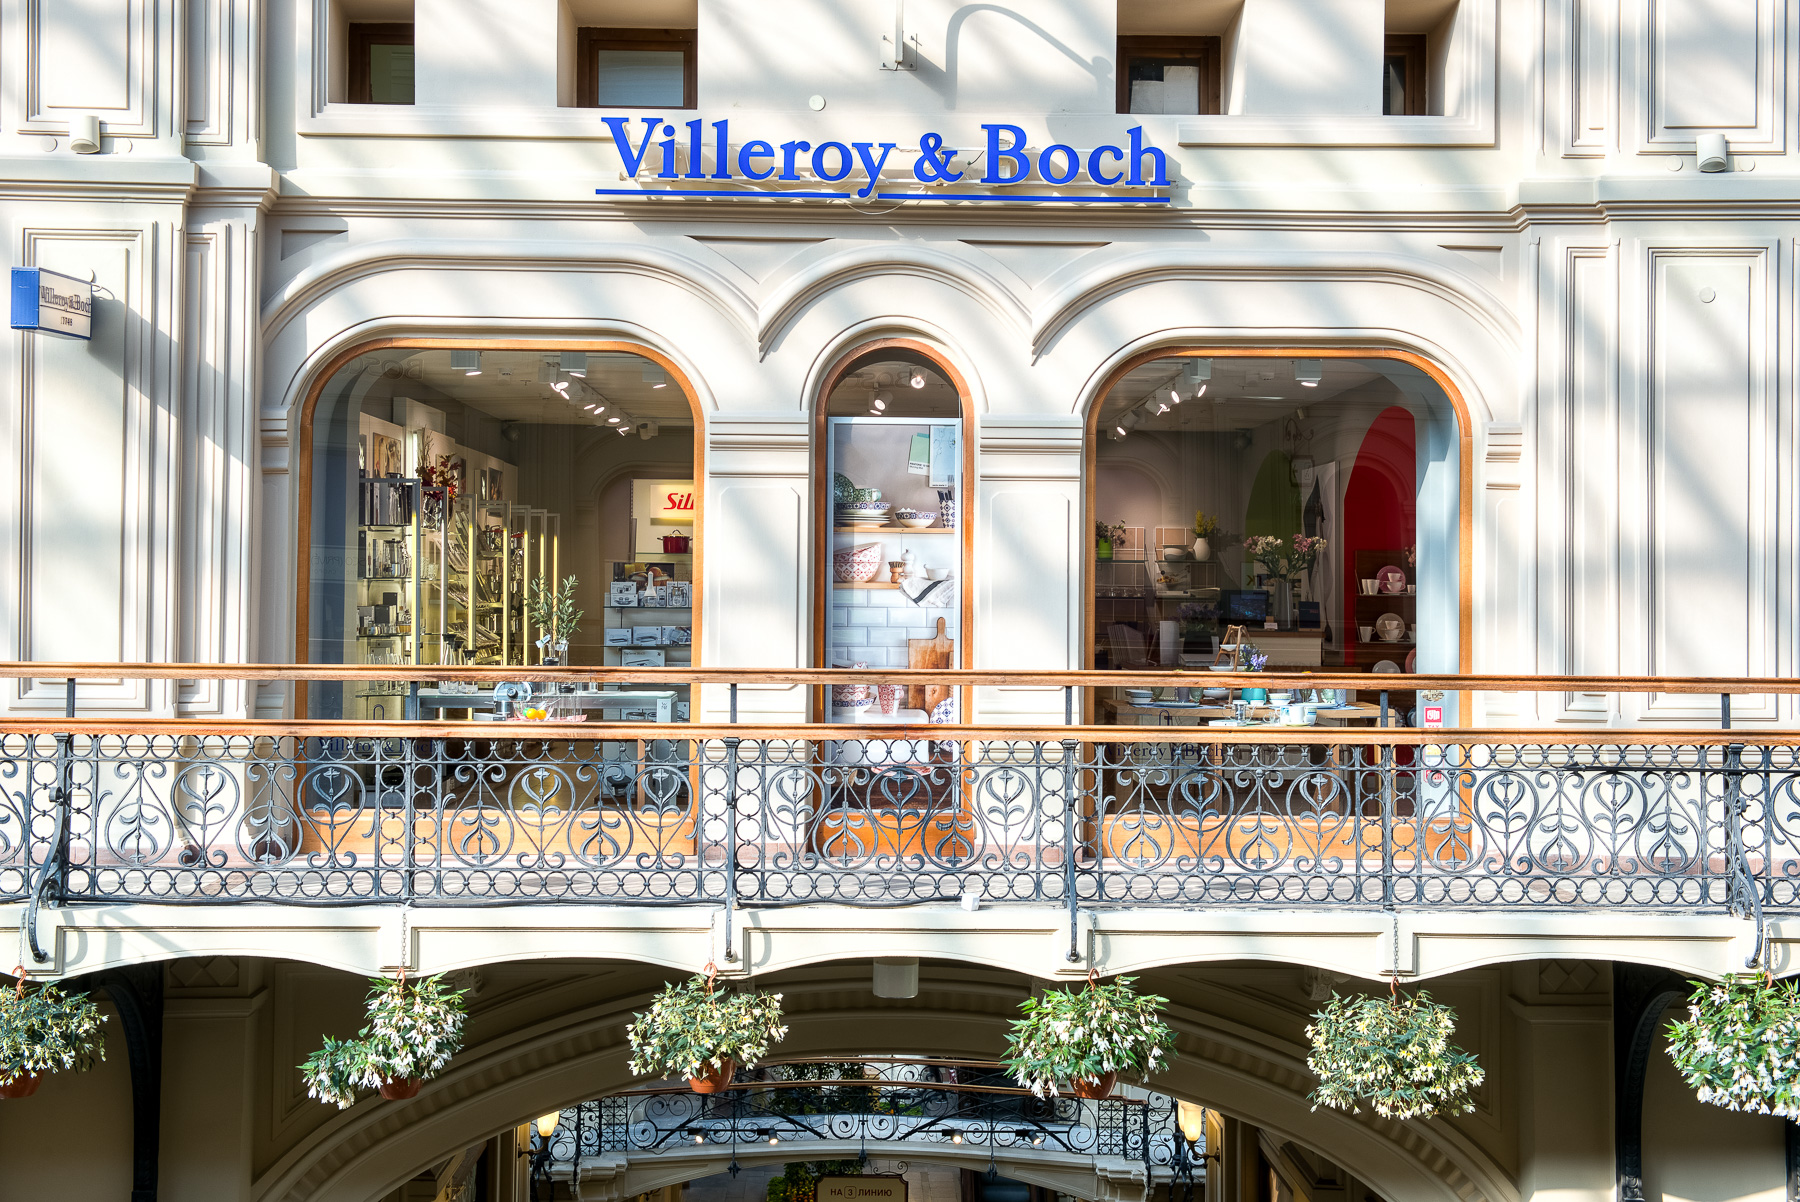 2019-07-04 Villeroy & Boch 36